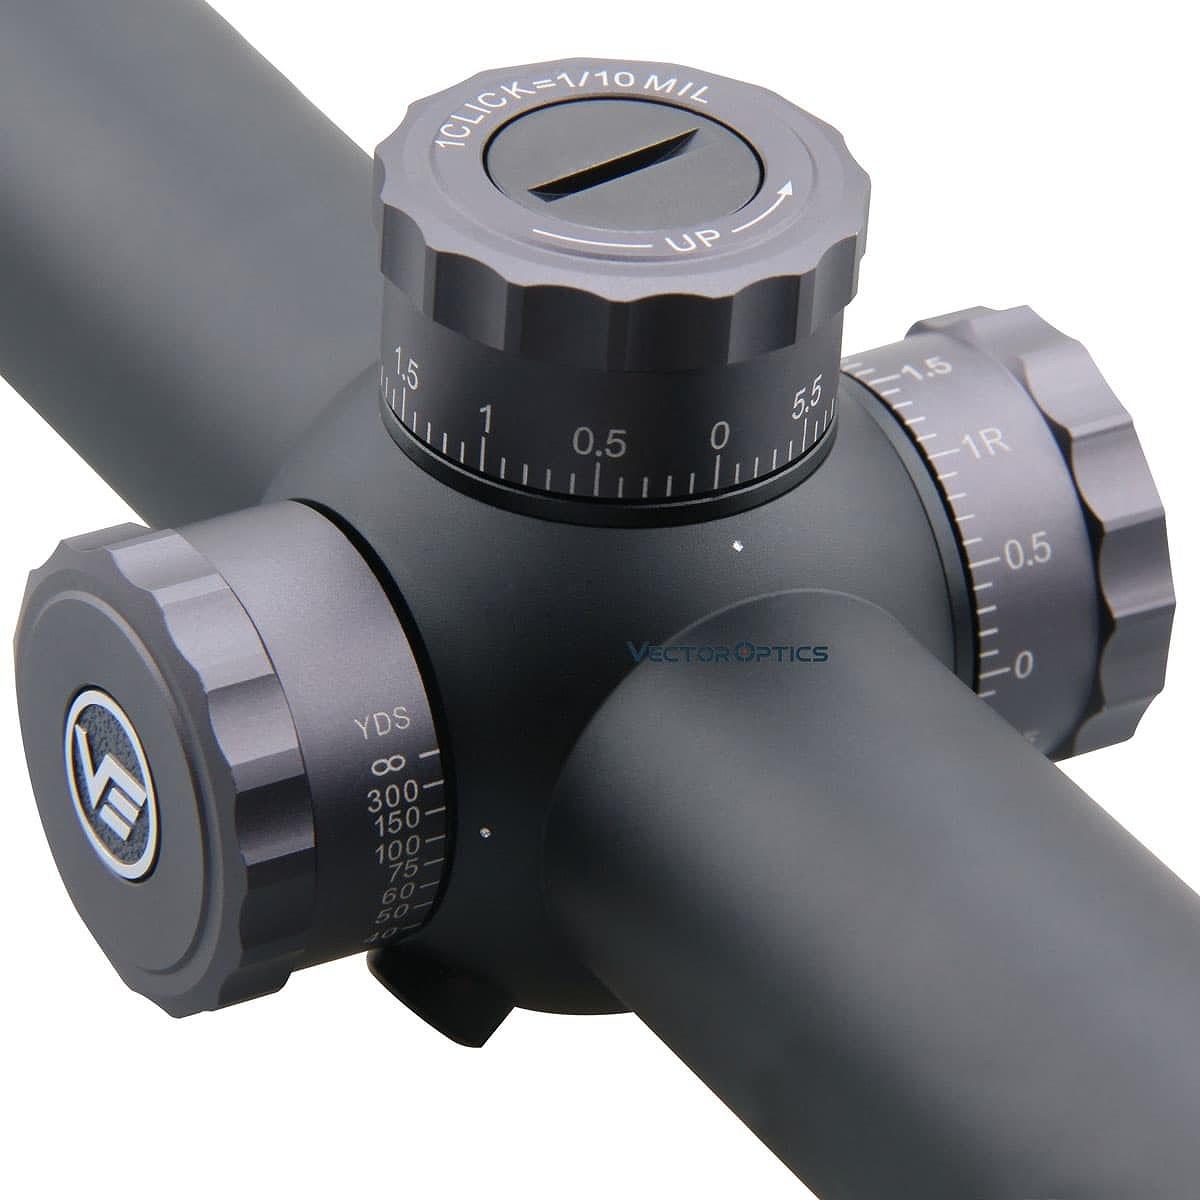 【お届け予定日: 5月30日】ベクターオプティクス ライフルスコープ Marksman 6-24x50FFP  Vector Optics SCFF-26